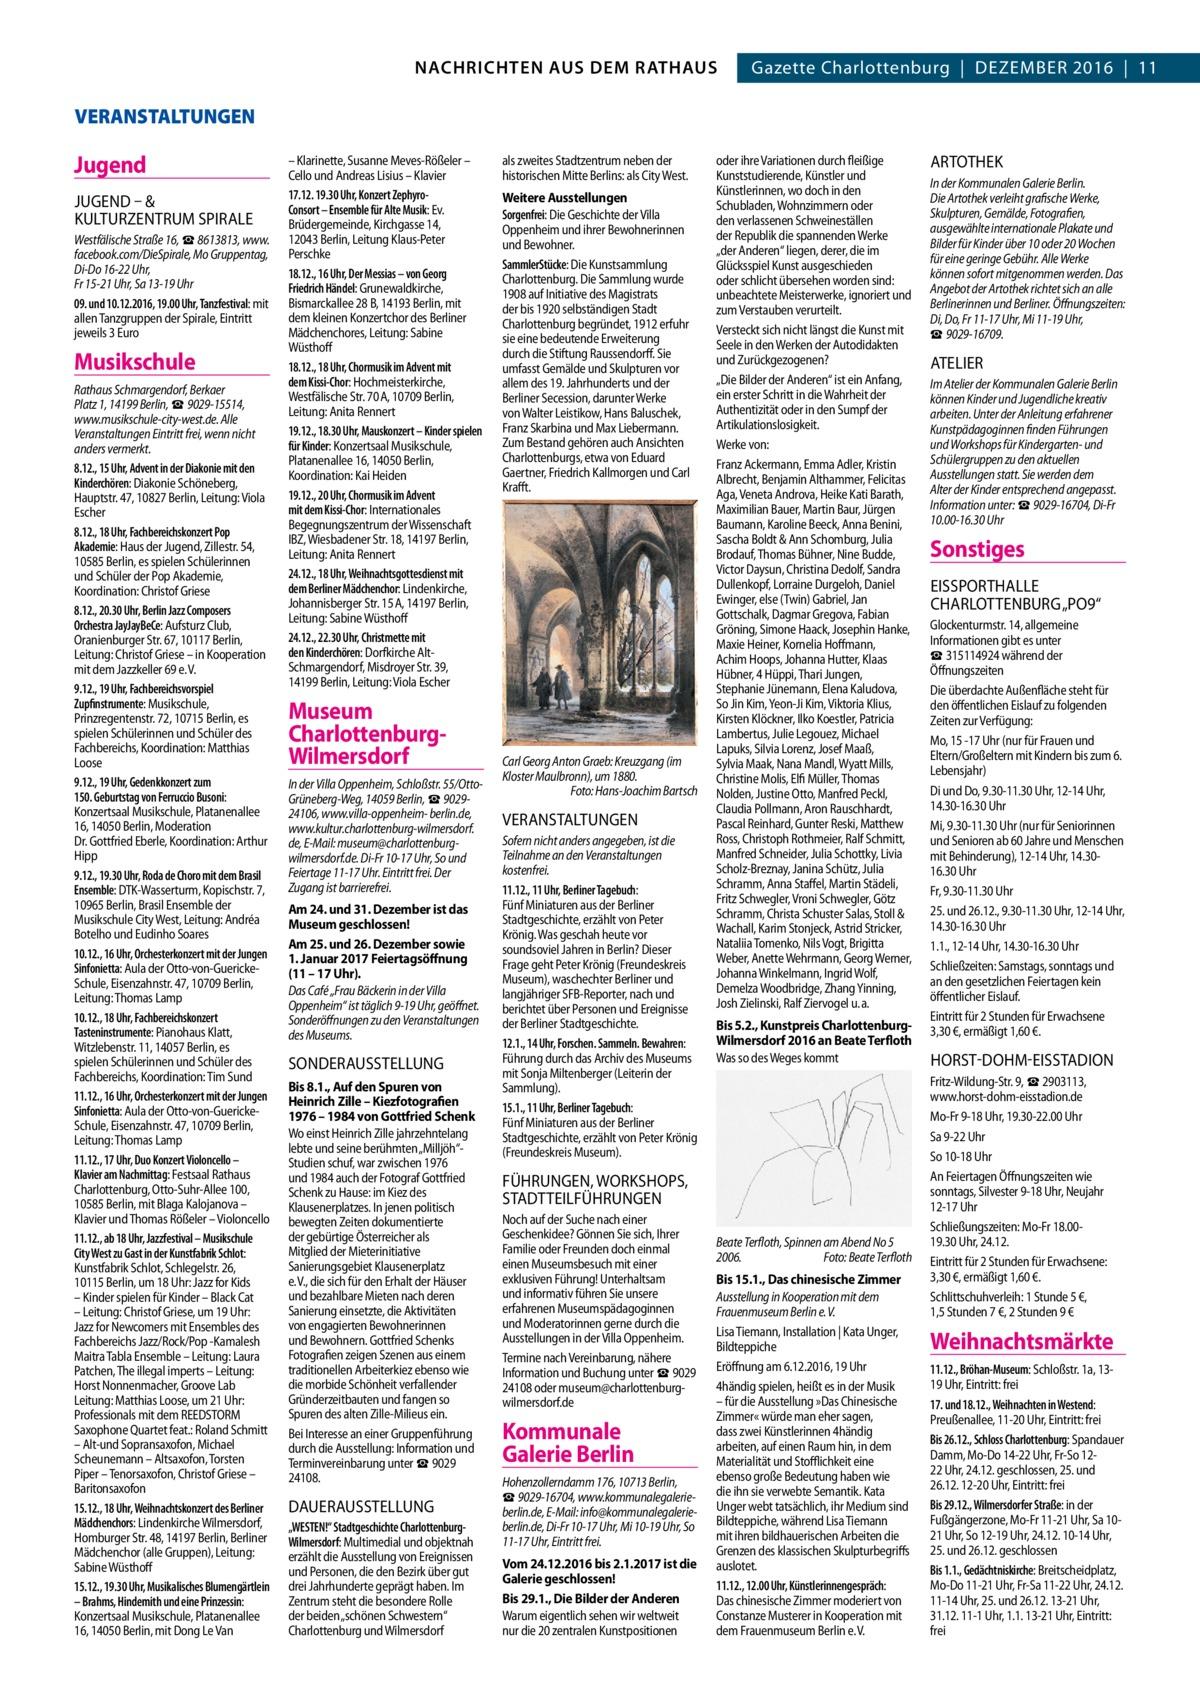 GAZETTE Wilmersdorf 12/16  NACHRICHTEN AUS RATHAUS 3 NACHRICHTEN AUS DEM DEM RATHAUS Gazette Charlottenburg|Dezember 2016|11  VERANSTALTUNGEN  Jugend JUGeND – & KULTUrzeNTrUm SPIrALe Westfälische Straße16, ☎8613813, www. facebook.com/DieSpirale, MoGruppentag, Di-Do 16-22Uhr, Fr 15-21Uhr, Sa 13-19Uhr 09. und 10.12.2016, 19.00Uhr, Tanzfestival: mit allen Tanzgruppen der Spirale, Eintritt jeweils 3Euro  Musikschule Rathaus Schmargendorf, Berkaer Platz 1, 14199Berlin, ☎9029-15514, www.musikschule-city-west.de. Alle Veranstaltungen Eintritt frei, wenn nicht anders vermerkt. 8.12., 15Uhr, Advent in der Diakonie mit den Kinderchören: Diakonie Schöneberg, Hauptstr.47, 10827Berlin, Leitung: Viola Escher 8.12., 18Uhr, Fachbereichskonzert Pop Akademie: Haus der Jugend, Zillestr.54, 10585Berlin, es spielen Schülerinnen und Schüler der Pop Akademie, Koordination: Christof Griese 8.12., 20.30Uhr, Berlin Jazz Composers Orchestra JayJayBeCe: Aufsturz Club, Oranienburger Str.67, 10117Berlin, Leitung: Christof Griese – in Kooperation mit dem Jazzkeller 69 e. V. 9.12., 19Uhr, Fachbereichsvorspiel Zupfinstrumente: Musikschule, Prinzregentenstr.72, 10715Berlin, es spielen Schülerinnen und Schüler des Fachbereichs, Koordination: Matthias Loose 9.12., 19Uhr, Gedenkkonzert zum 150.Geburtstag von Ferruccio Busoni: Konzertsaal Musikschule, Platanenallee 16, 14050Berlin, Moderation Dr.Gottfried Eberle, Koordination: Arthur Hipp 9.12., 19.30Uhr, Roda de Choro mit dem Brasil Ensemble: DTK-Wasserturm, Kopischstr.7, 10965Berlin, Brasil Ensemble der Musikschule City West, Leitung: Andréa Botelho und Eudinho Soares 10.12., 16Uhr, Orchesterkonzert mit der Jungen Sinfonietta: Aula der Otto-von-GuerickeSchule, Eisenzahnstr.47, 10709Berlin, Leitung: Thomas Lamp 10.12., 18Uhr, Fachbereichskonzert Tasteninstrumente: Pianohaus Klatt, Witzlebenstr.11, 14057Berlin, es spielen Schülerinnen und Schüler des Fachbereichs, Koordination: Tim Sund 11.12., 16Uhr, Orchesterkonzert mit der Jungen Sinfonietta: Aula de